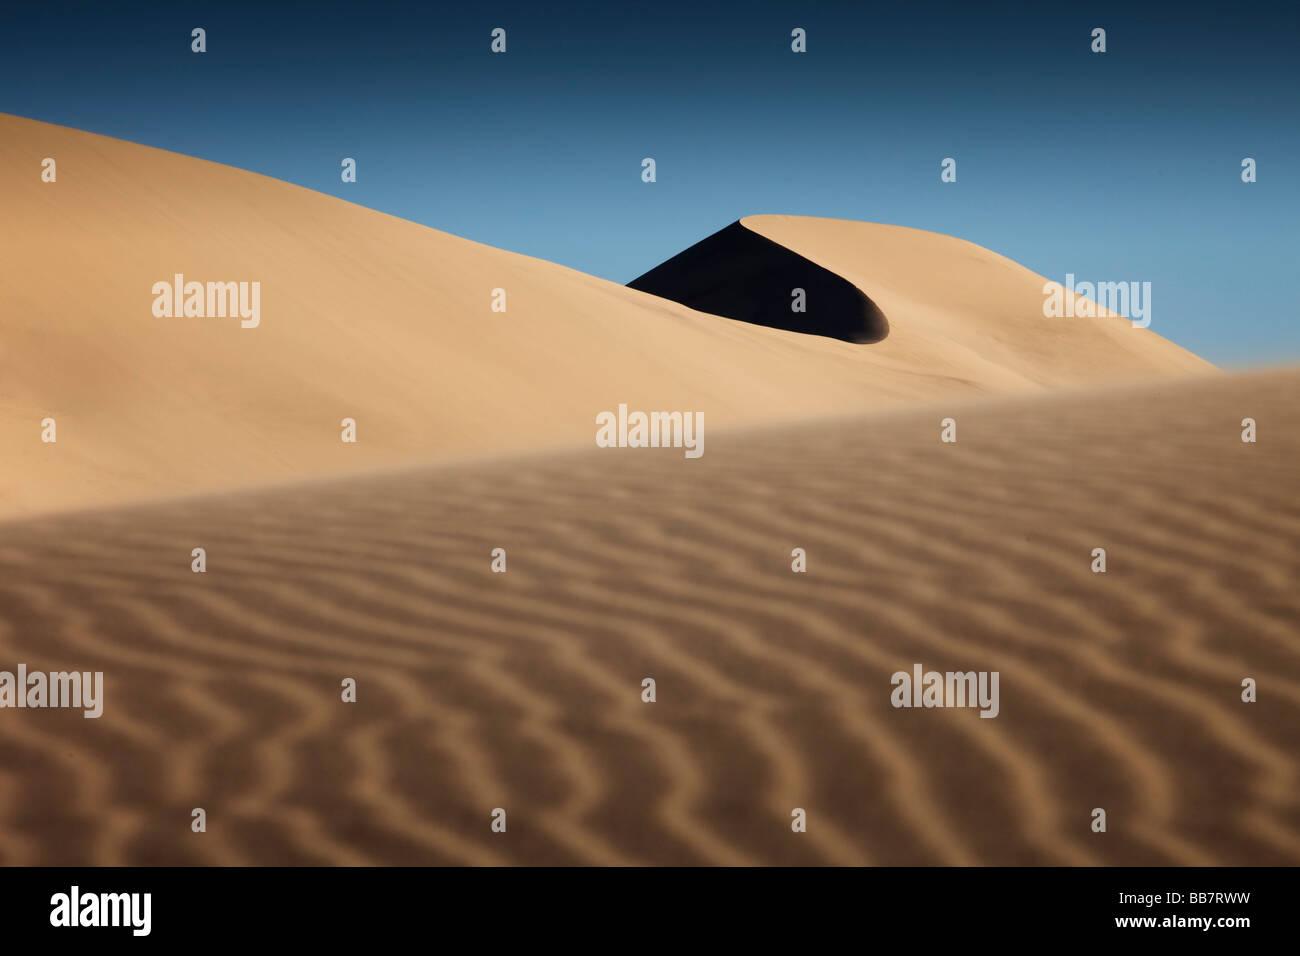 Les patrons de sable sur les Dunes d'Eureka dans Death Valley National Park en Californie USA Banque D'Images